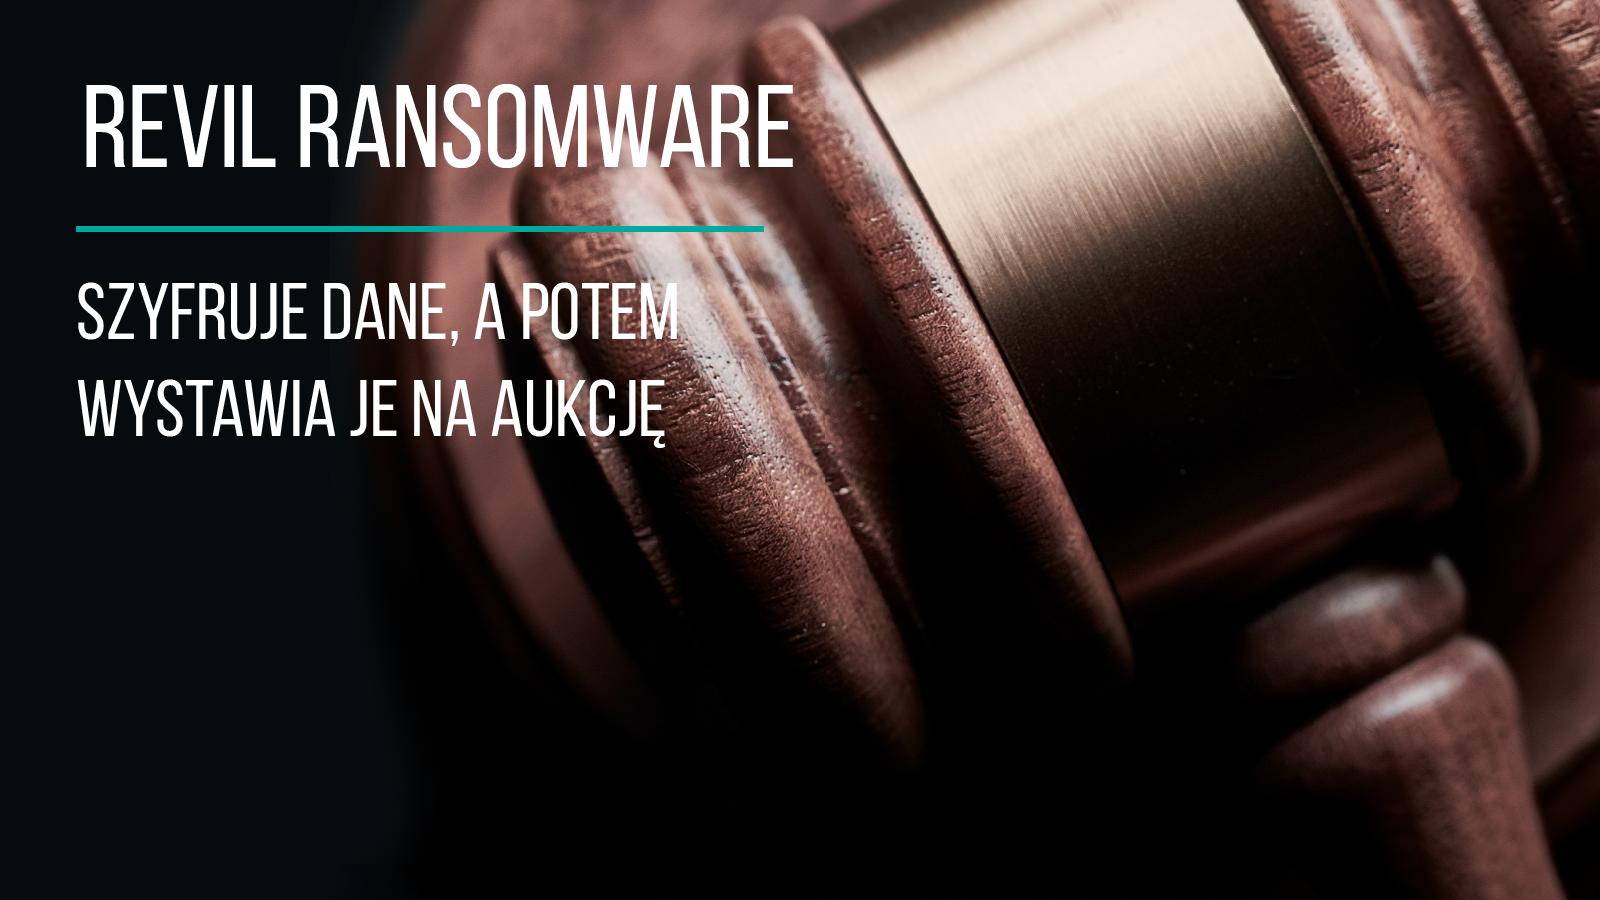 REvil Ransomware pozwala nie tylko zaszyfrować dane, ale i wykonać kopię pufnych informacji